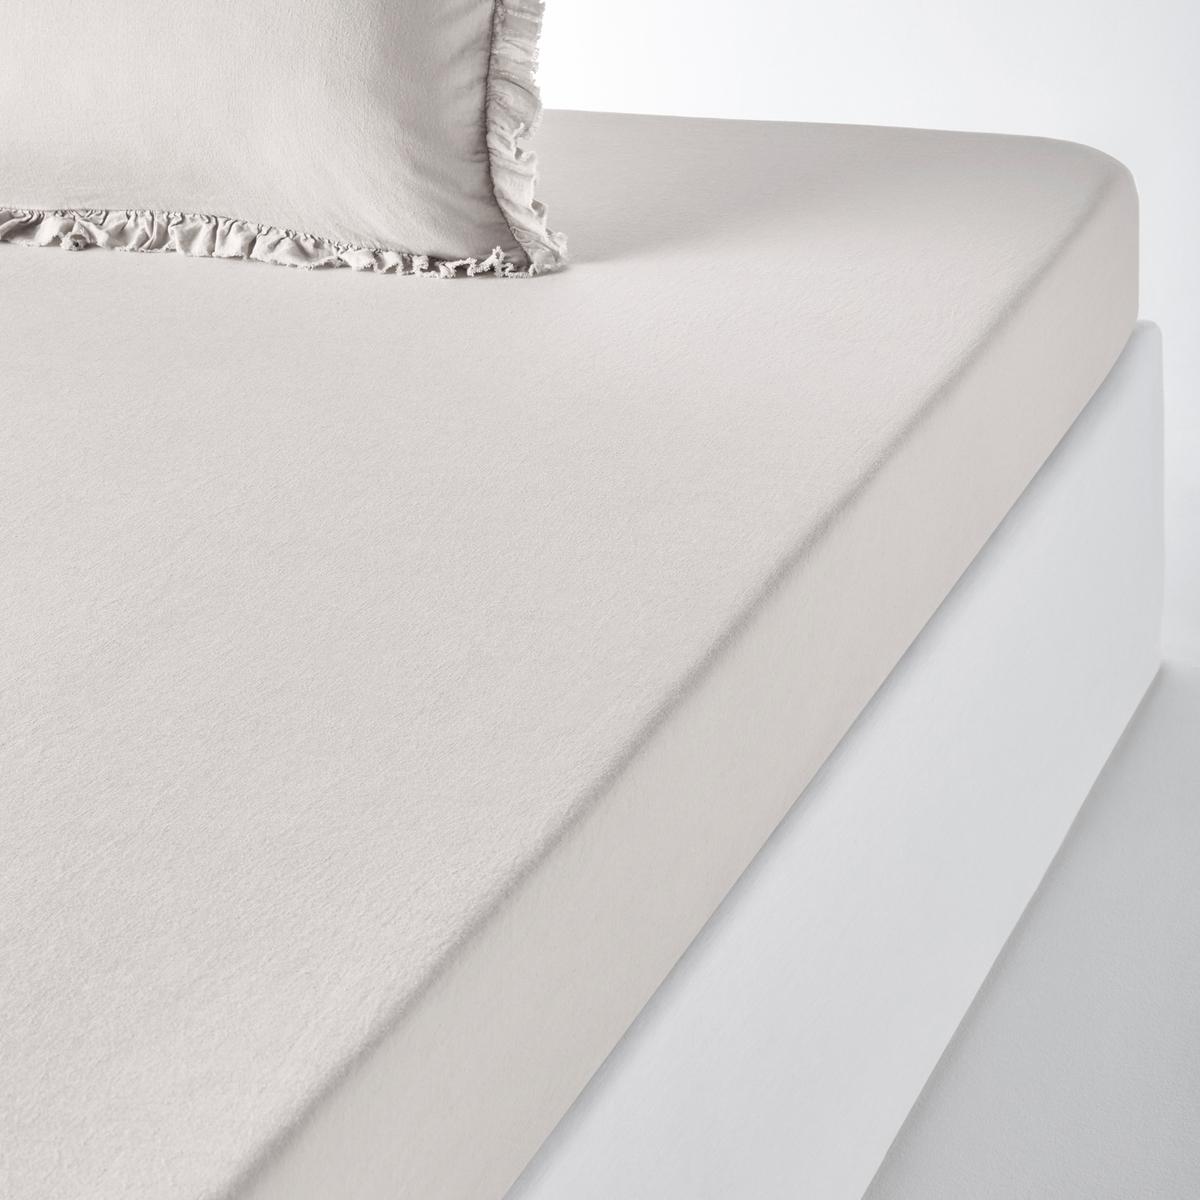 Натяжная простыня из льна и хлопка , NILLOWНатяжная простыня из льна и хлопка Nillow качество Qualit? Best. Благородный и элегантный материал из льна и хлопка в нежных и теплых тонах. Очарование и сияющая красота постельного белья Nillow.Характеристики натяжной простыни Nillow : Смесовый материал: 60% льна, 40% хлопка : мягкая и элегантная ткань из льна и хлопка с легким жатым эффектом проста в уходе. Ширина клапана 30 см. Стирать при температуре 40°, можно не гладитьХарактеристикиВесь комплект постельного белья Nillow Вы найдете на laredoute.ruЗнак Oeko-Tex® гарантирует, что товары прошли проверку и были изготовлены без применения вредных для здоровья человека веществ.ХарактеристикиРазмеры : 90 x 190 см : 1-сп. 140 x 190 см : 2-сп. 160 x 200 см : 2-сп. 180 x 200 см : 2-сп.<br><br>Цвет: бежевый,белый,розовая пудра,серо-голубой,серо-фиолетовый<br>Размер: 180 x 200  см